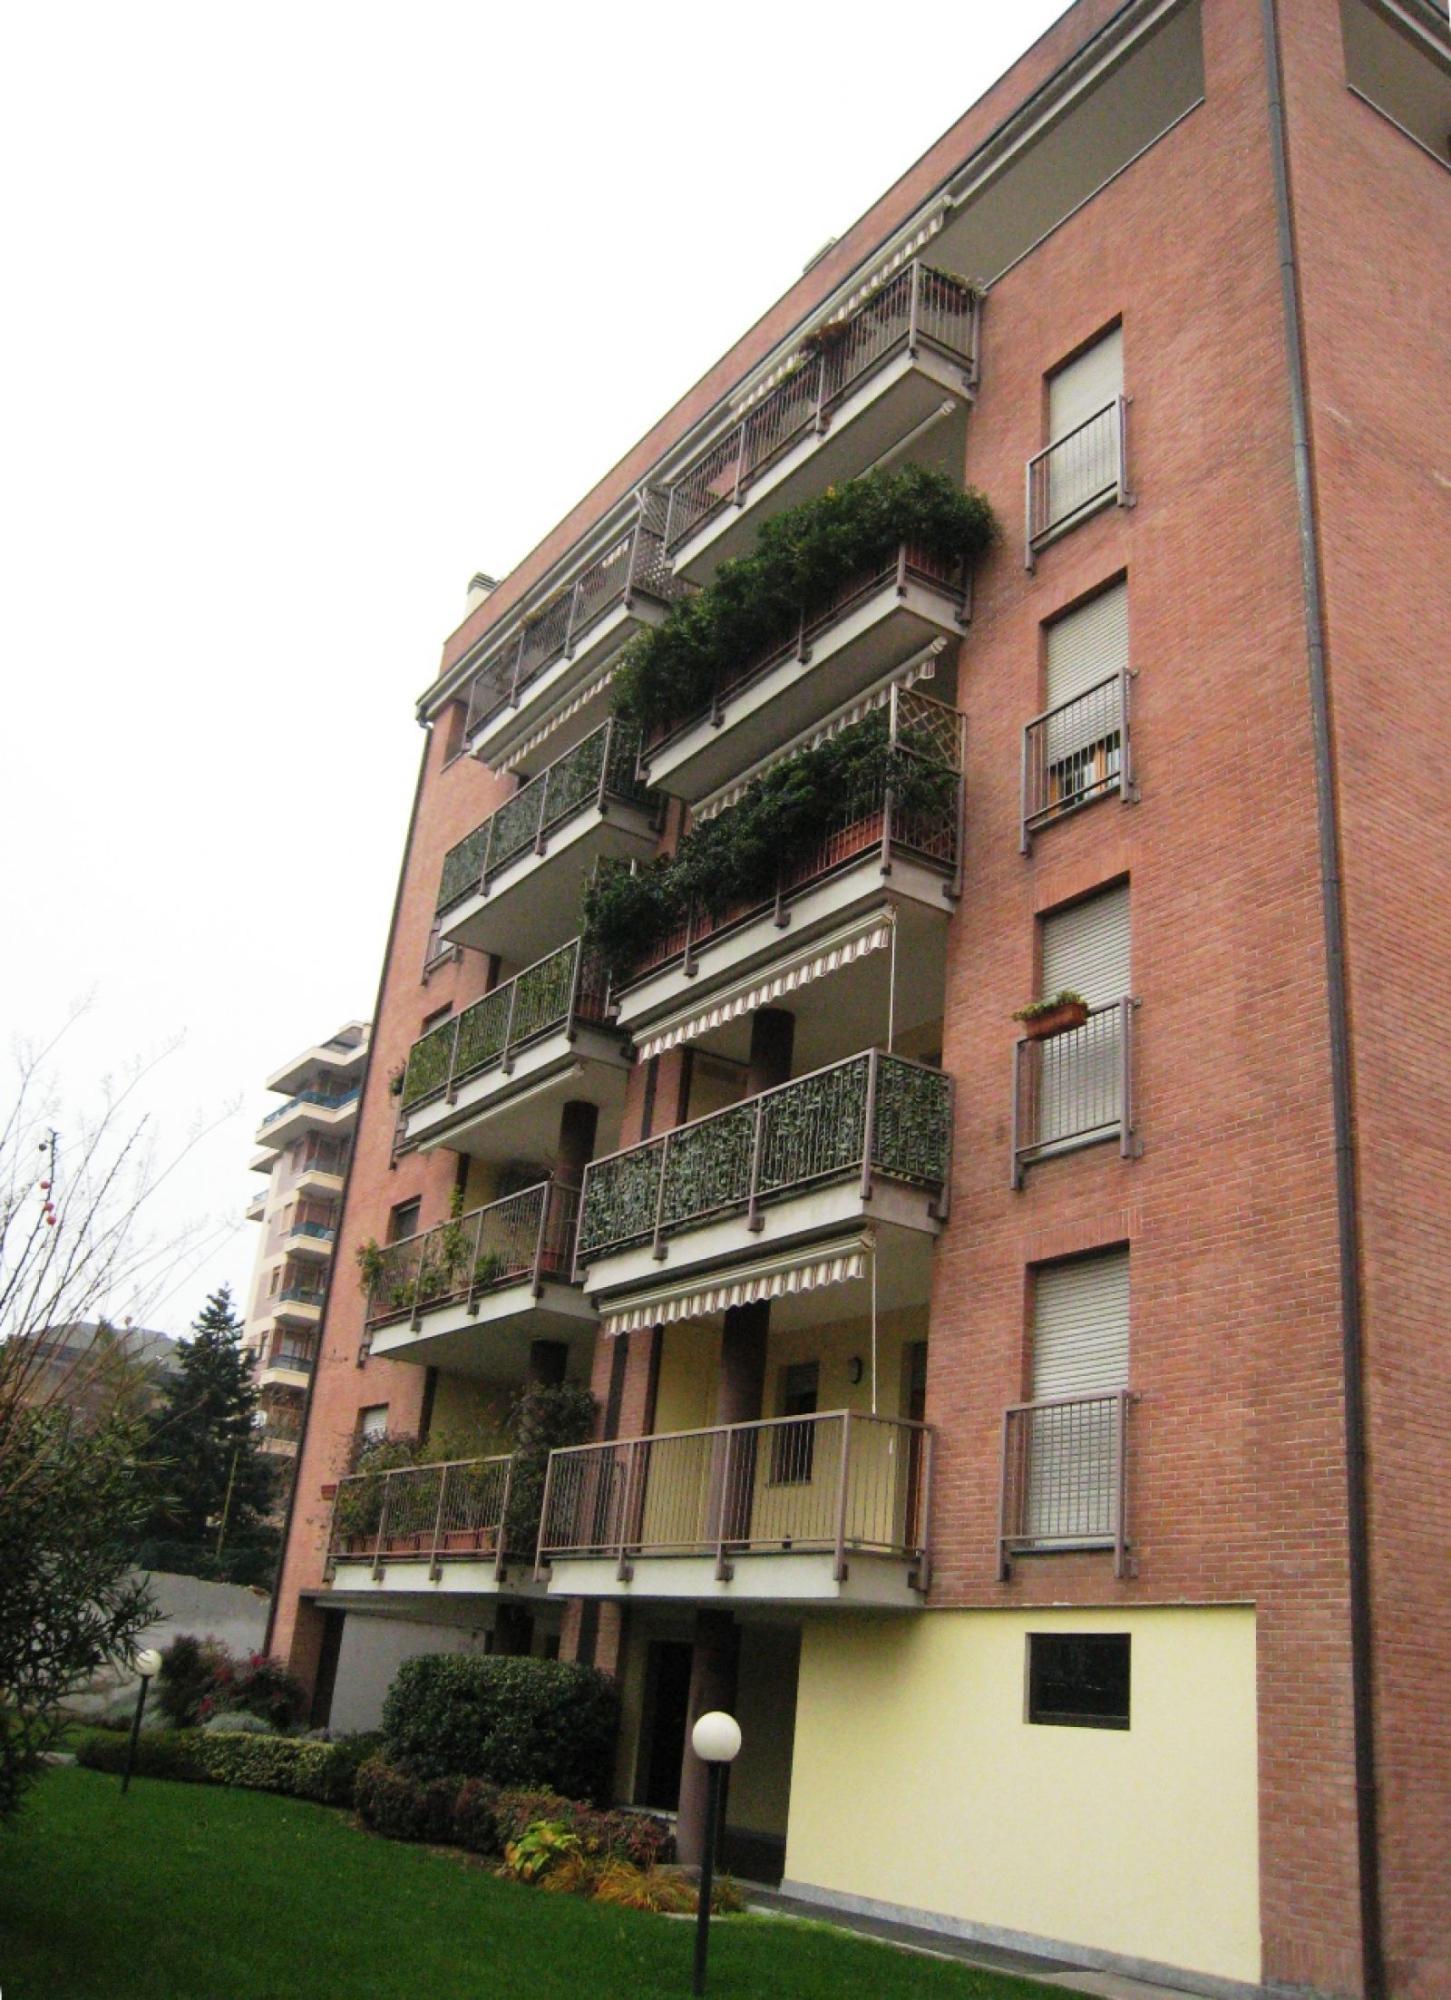 Milano san siro via novara 70 mh32 agenzia immobiliare for Immobiliare milano